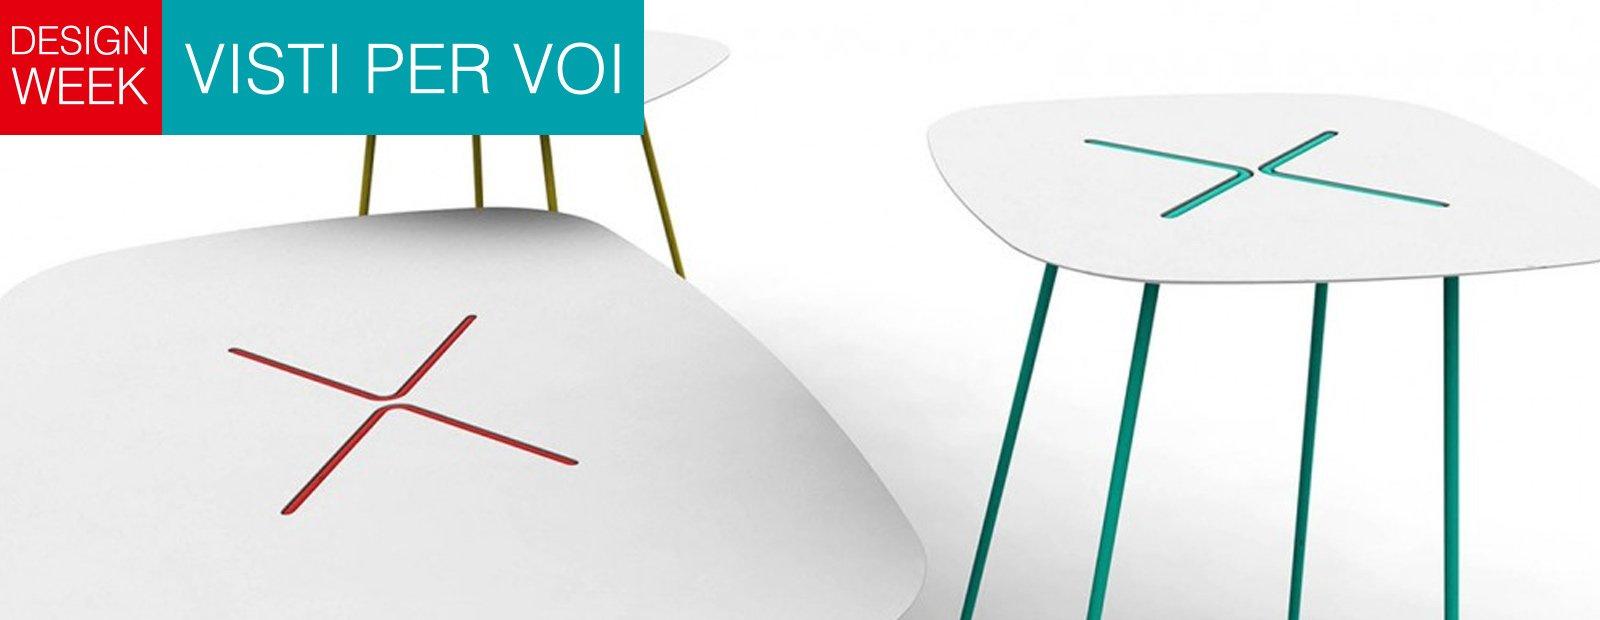 Meliconi - AudioVideo - Mobili e basi girevoli per TV